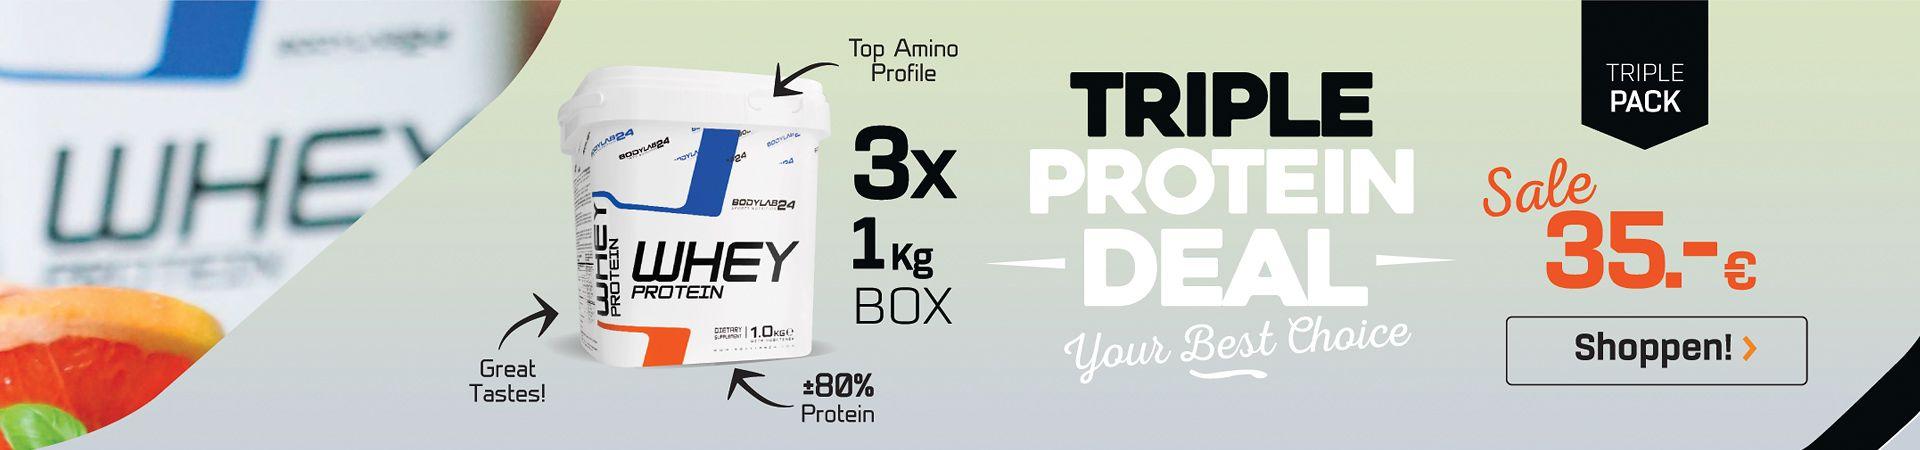 Hellgaruer Hintergrund mit Whey Dose, Verweis auf das Angebot und die Vorteile des Proteins